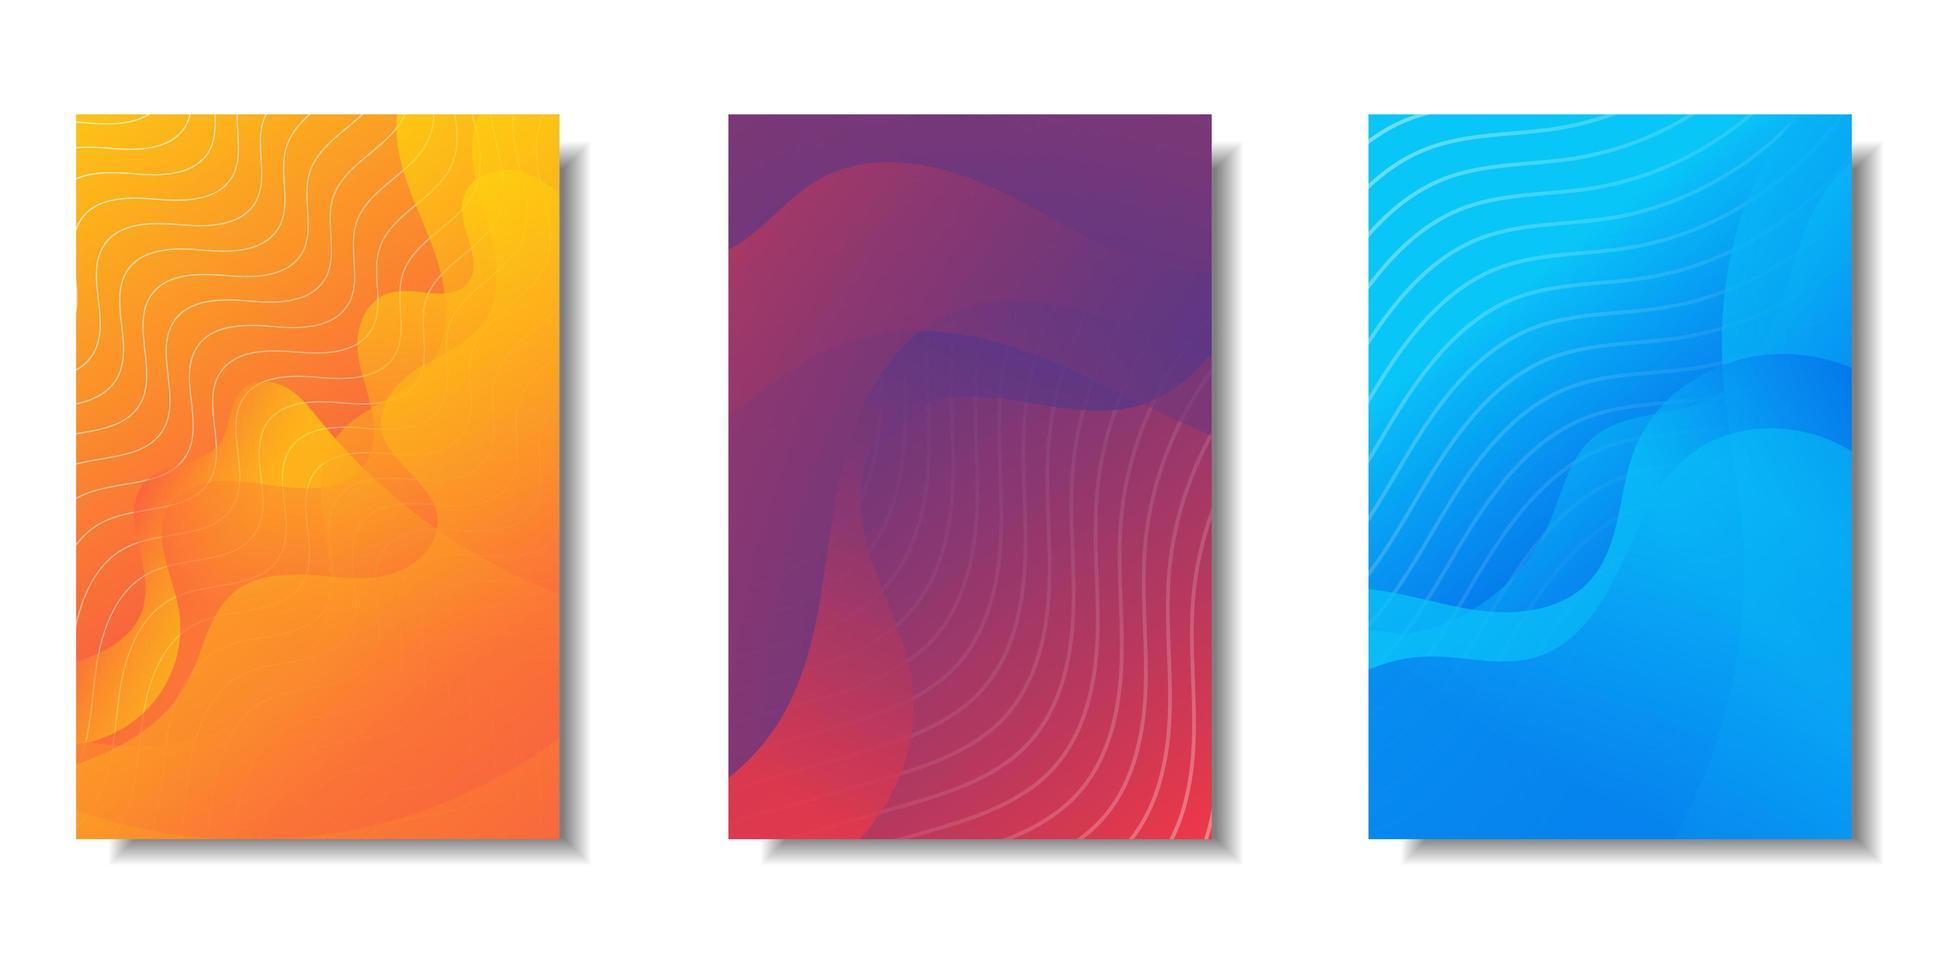 jeu de cartes de lignes de vagues abstraites colorées vecteur